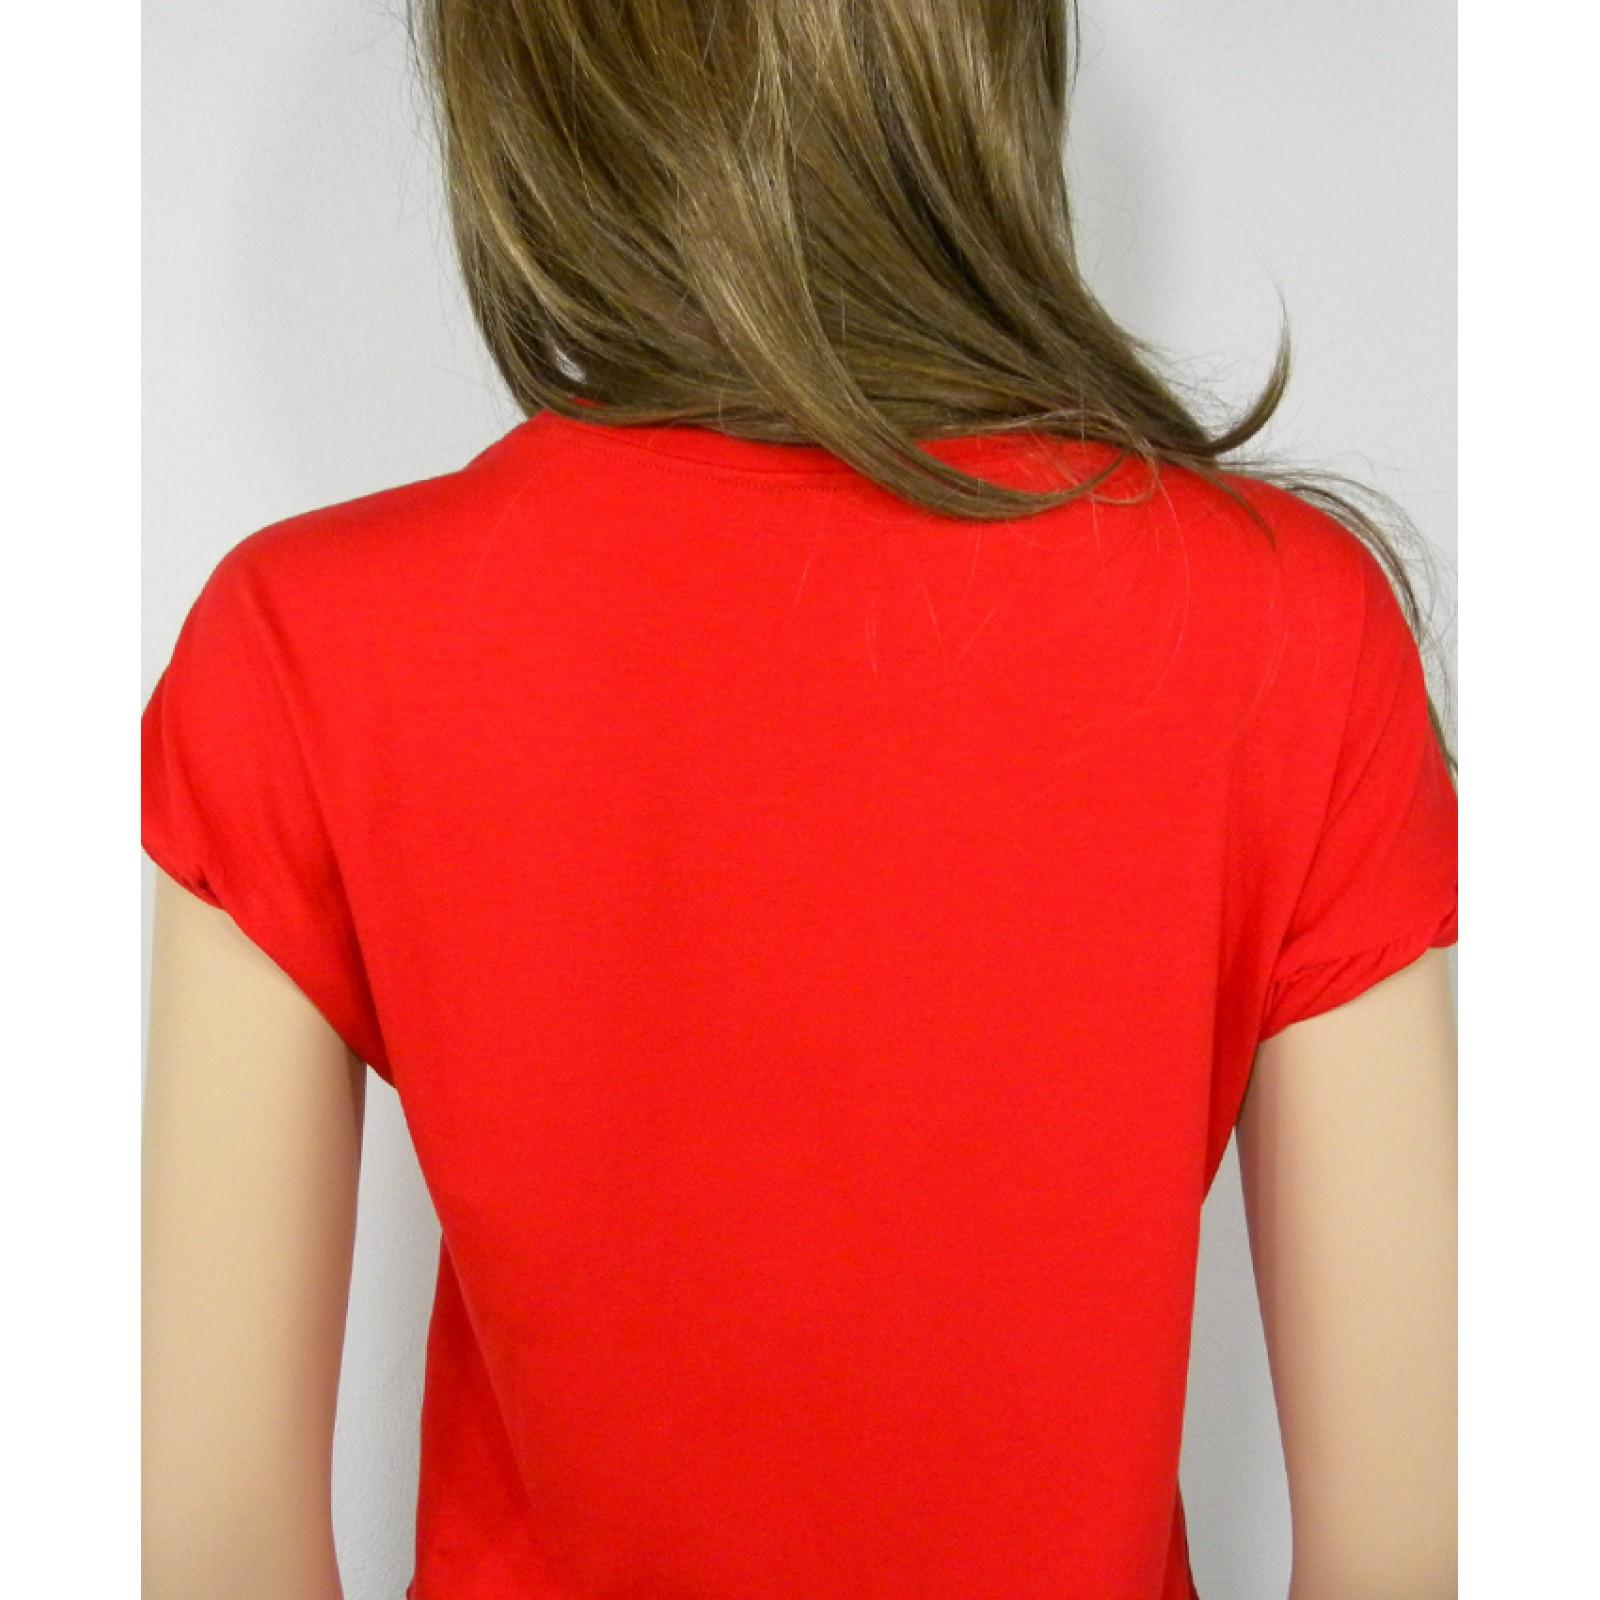 Togliendosi la maglietta: differenza tra uomo e donna